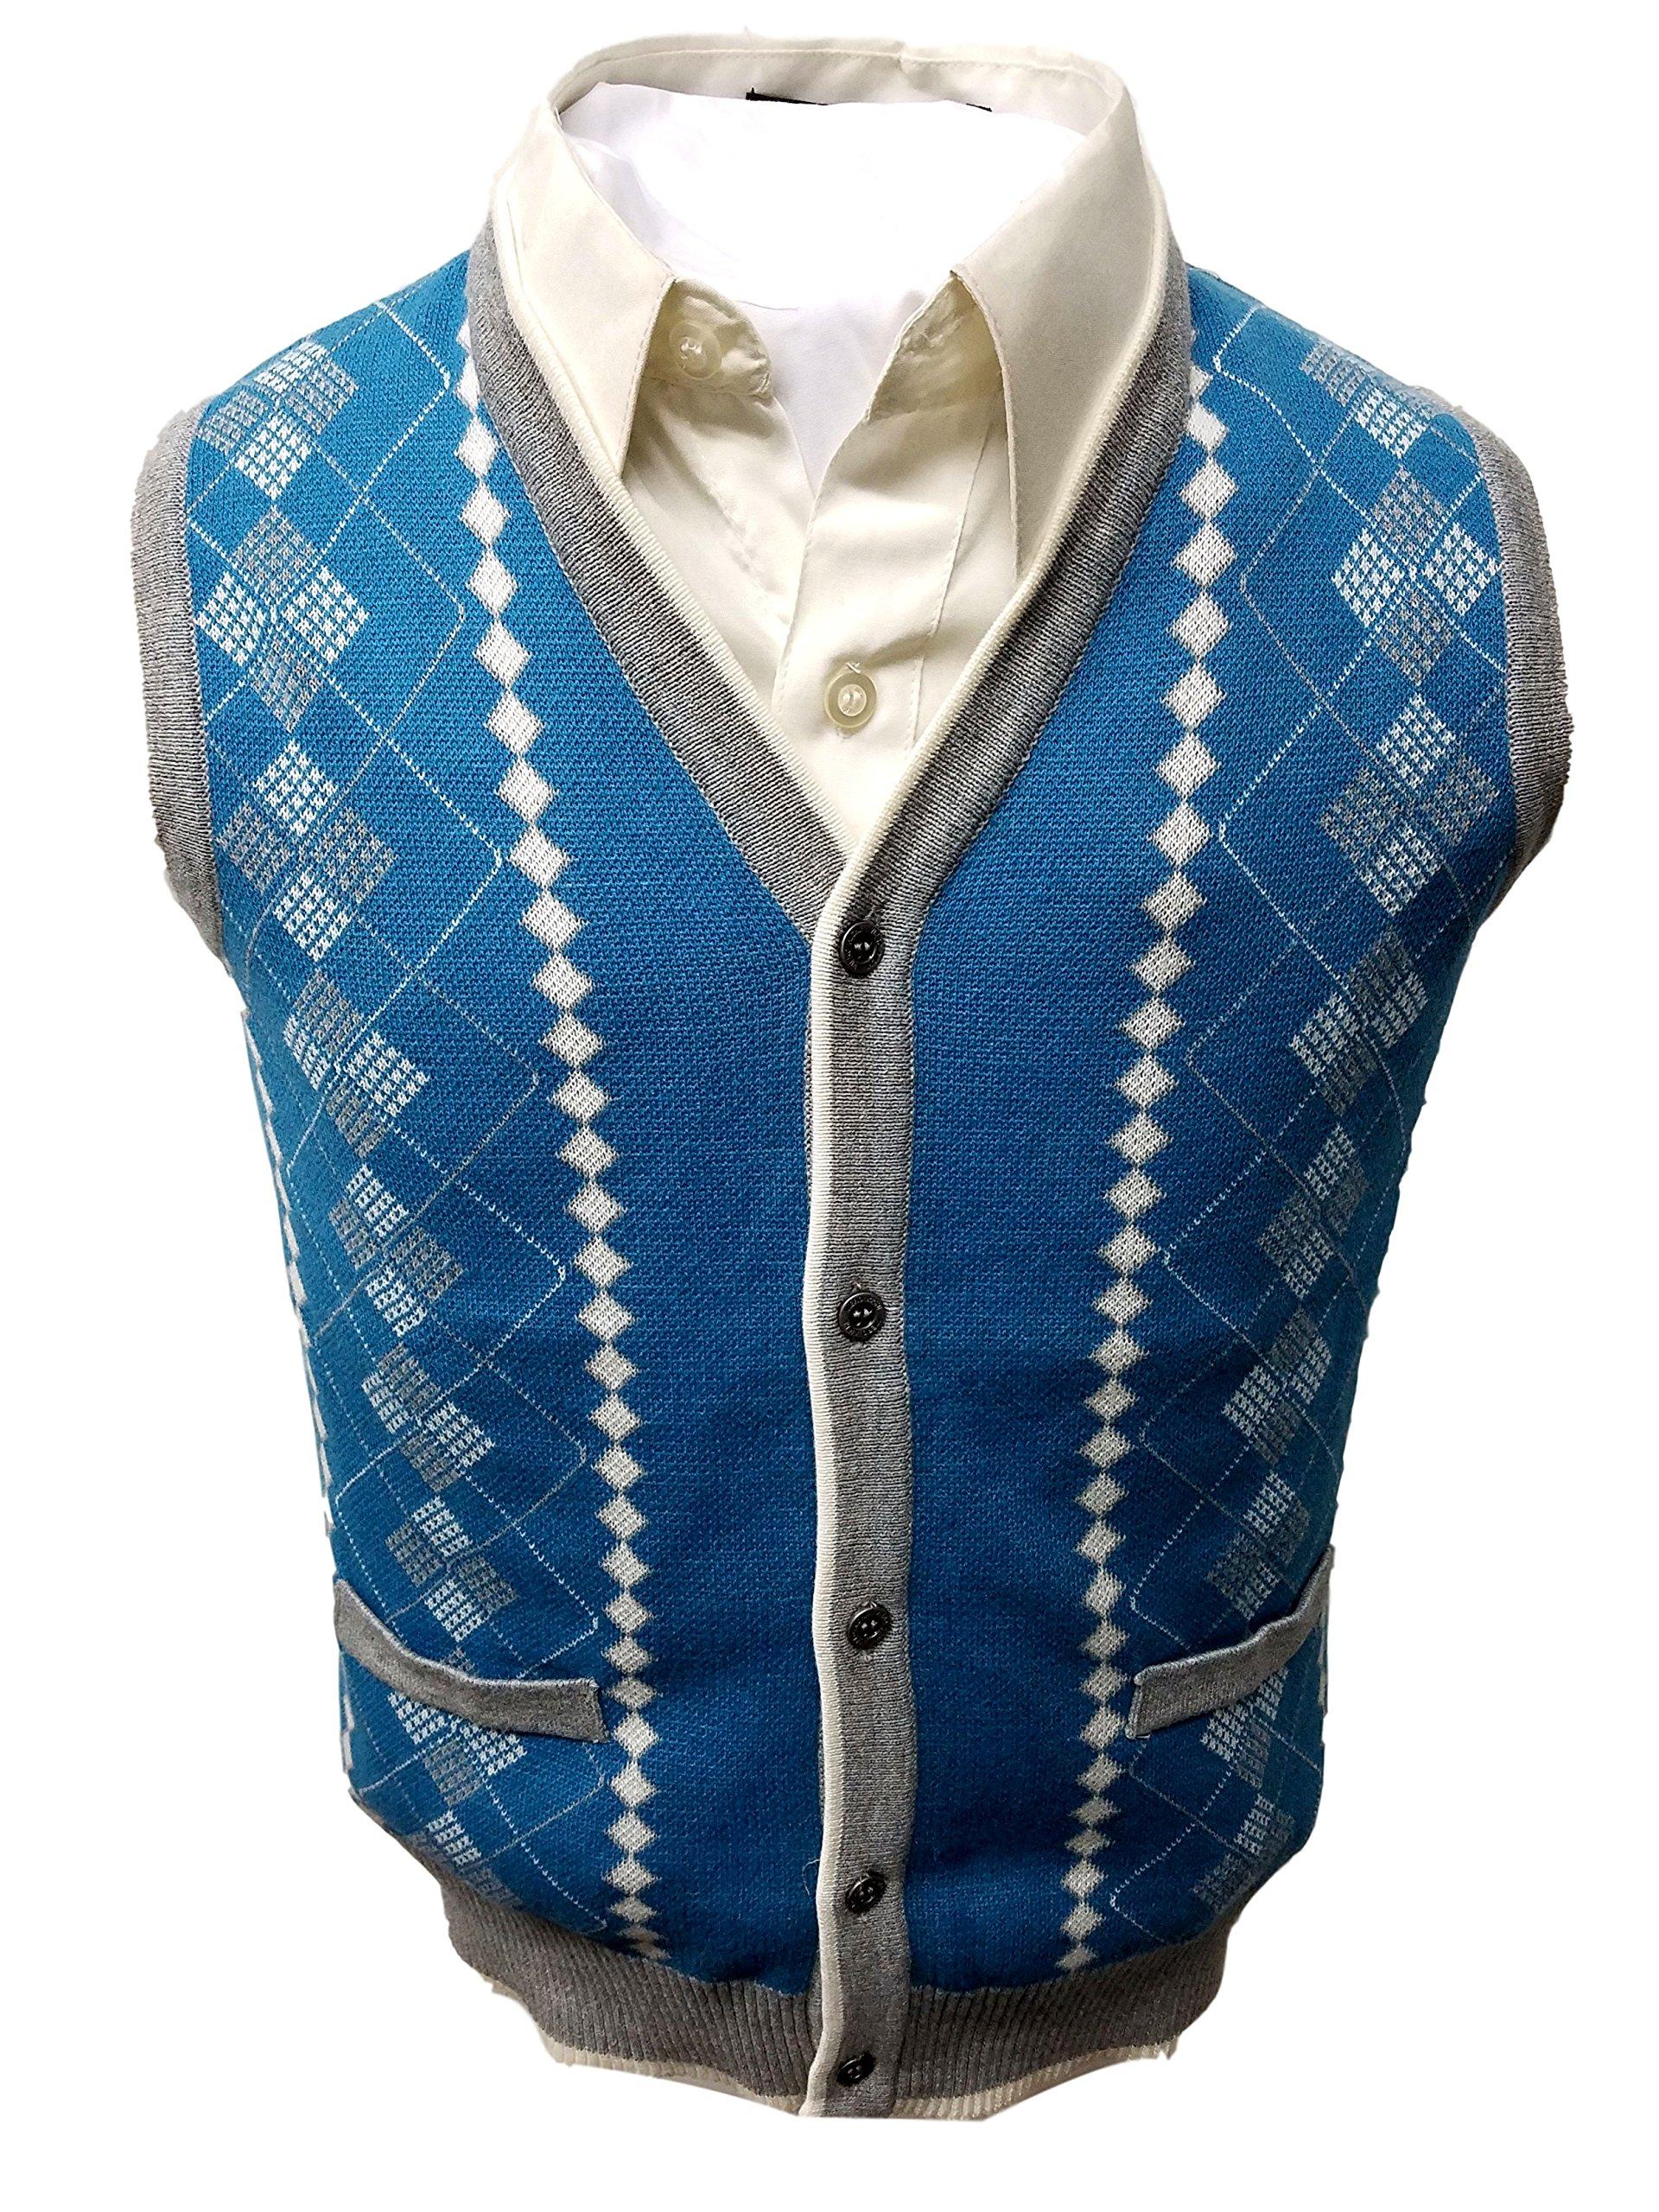 Vest Sweater 100% Cotton 2382 (20, Teal Blue)